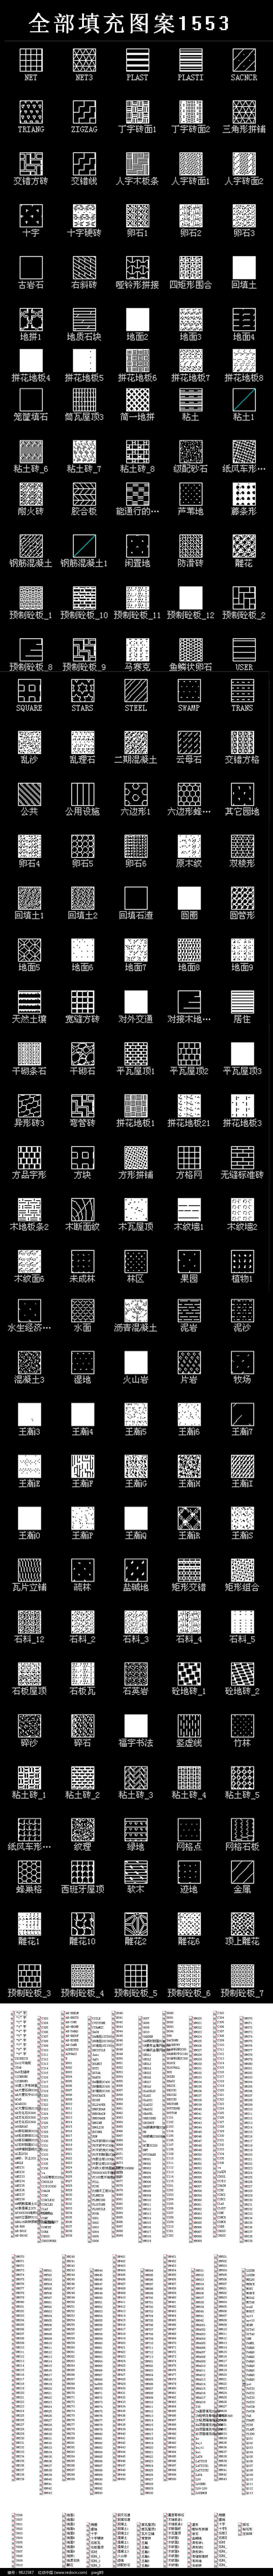 CAD自定义填充图案大全图片